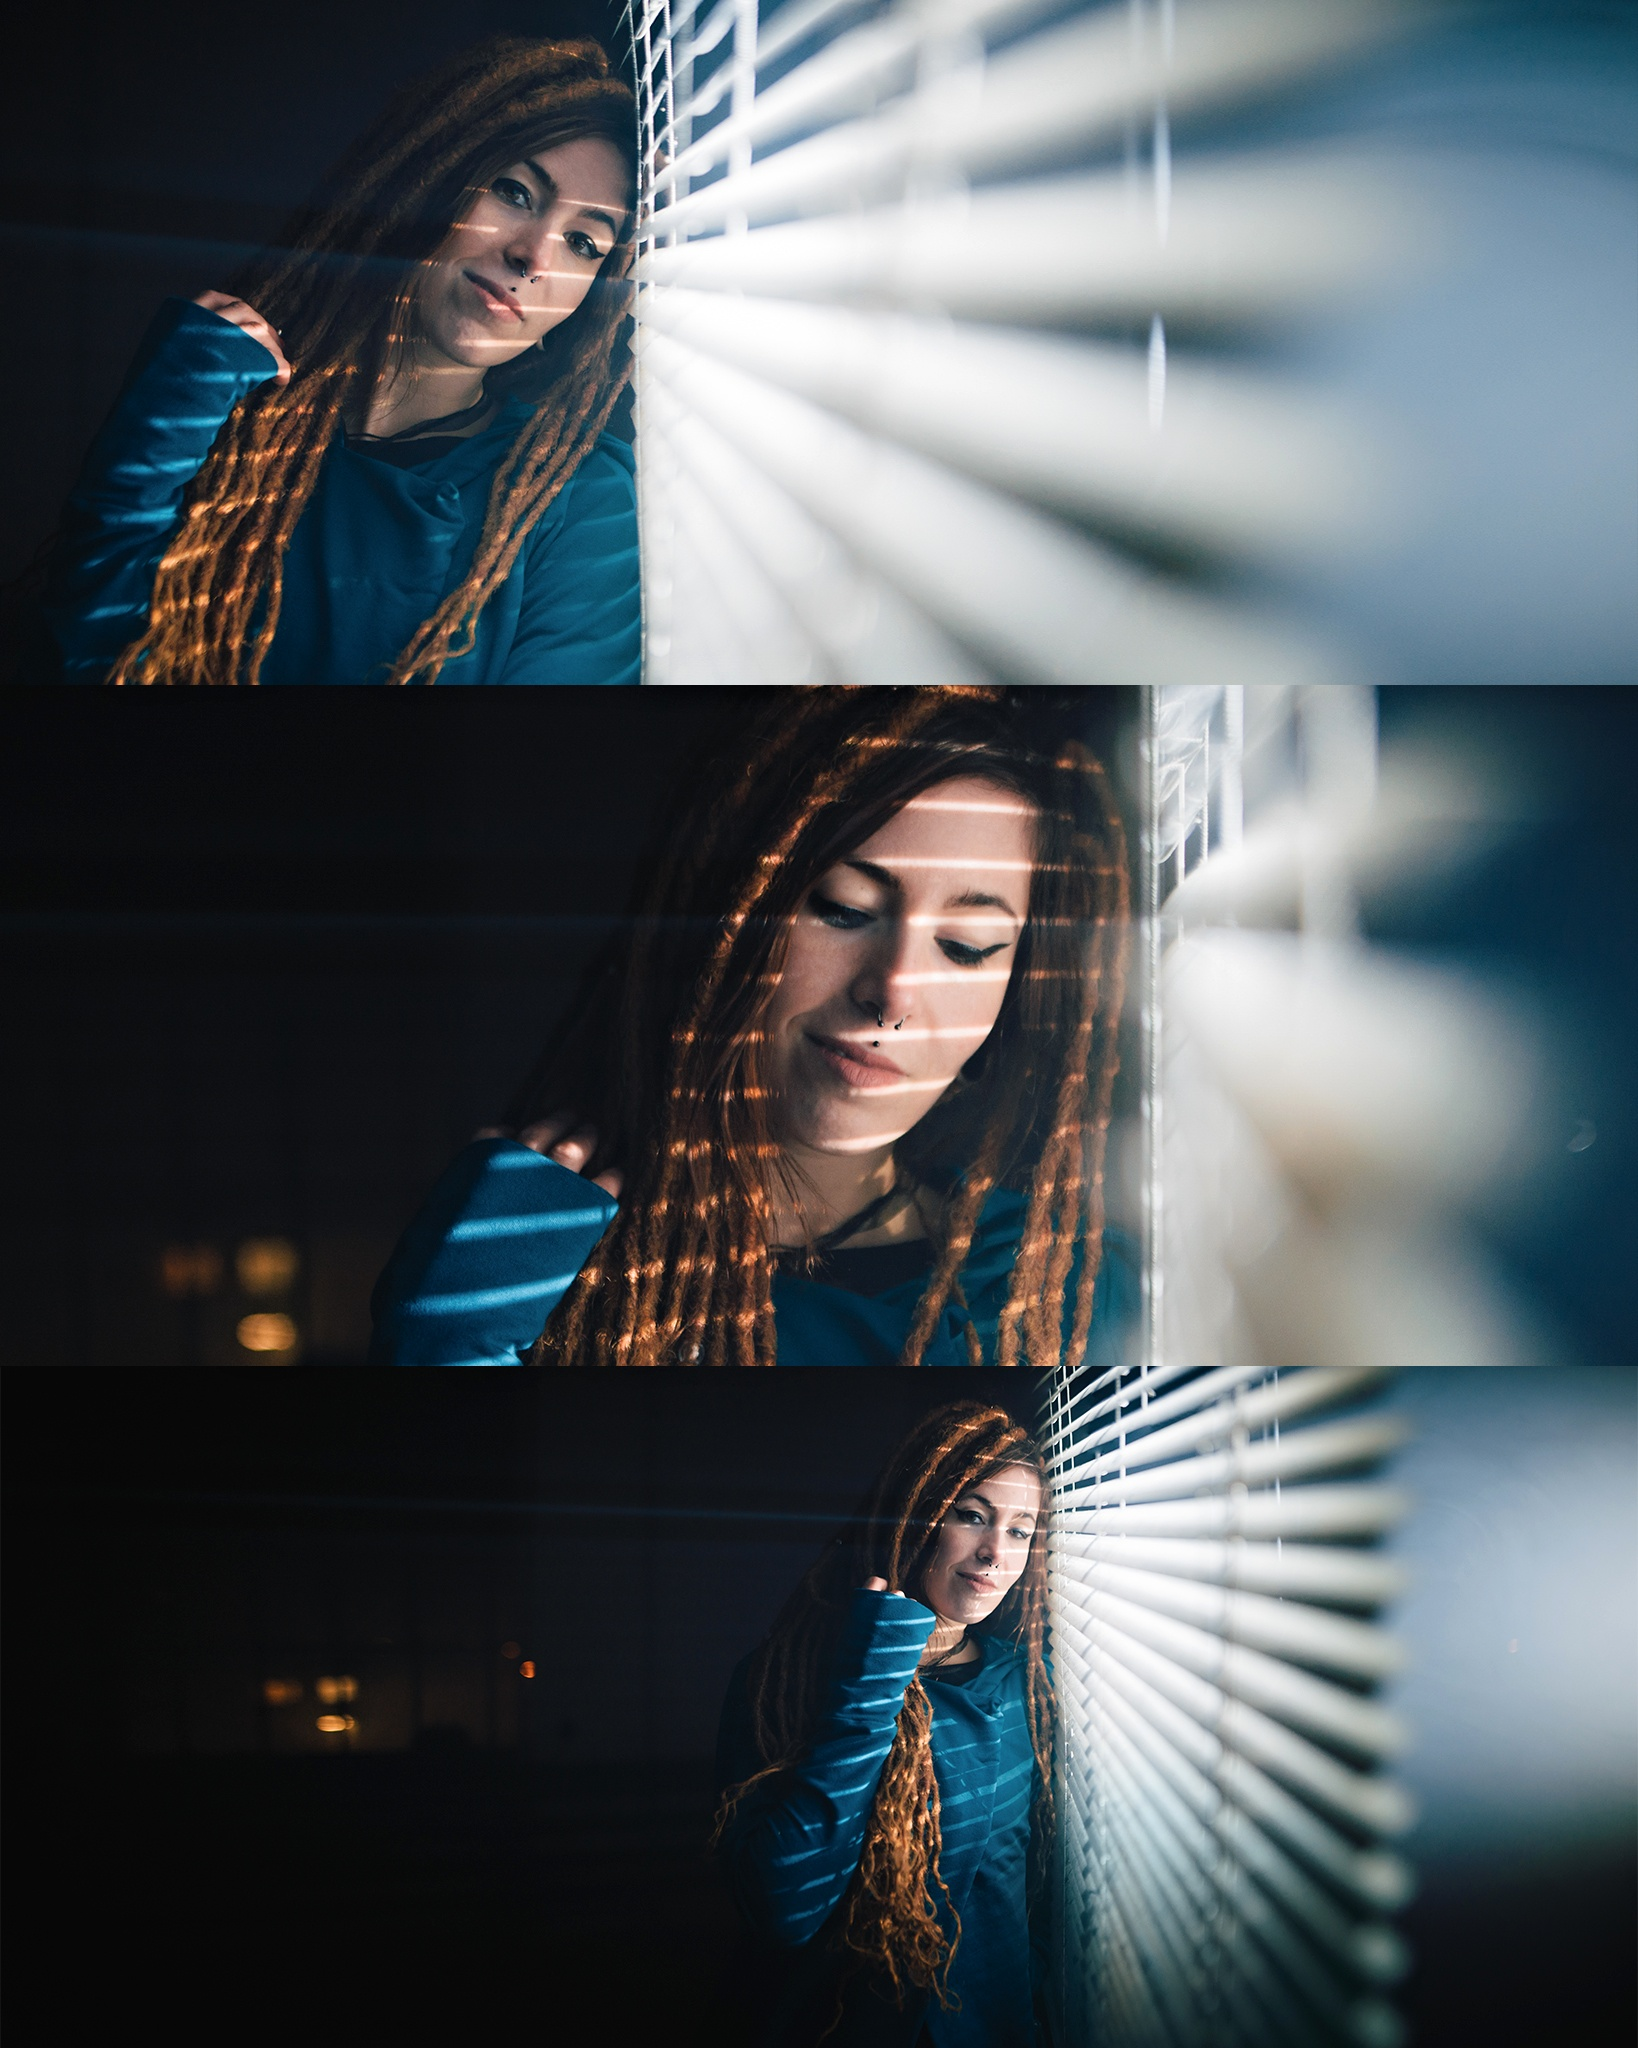 Effektvolle Lichtstreifen: Wie man sie ganz einfach erzeugt und beim Shooting einsetzt